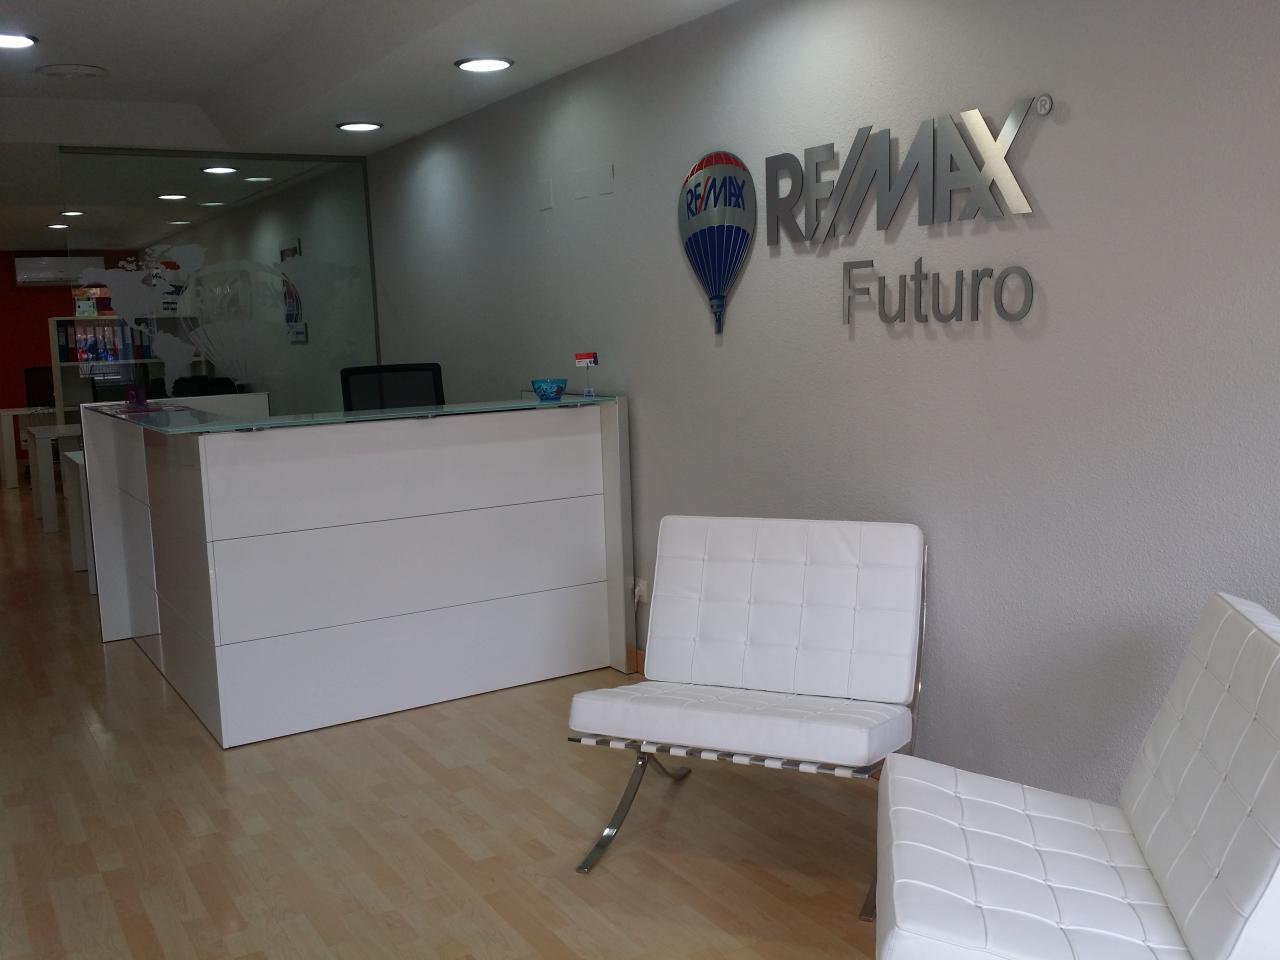 RE/MAX Futuro